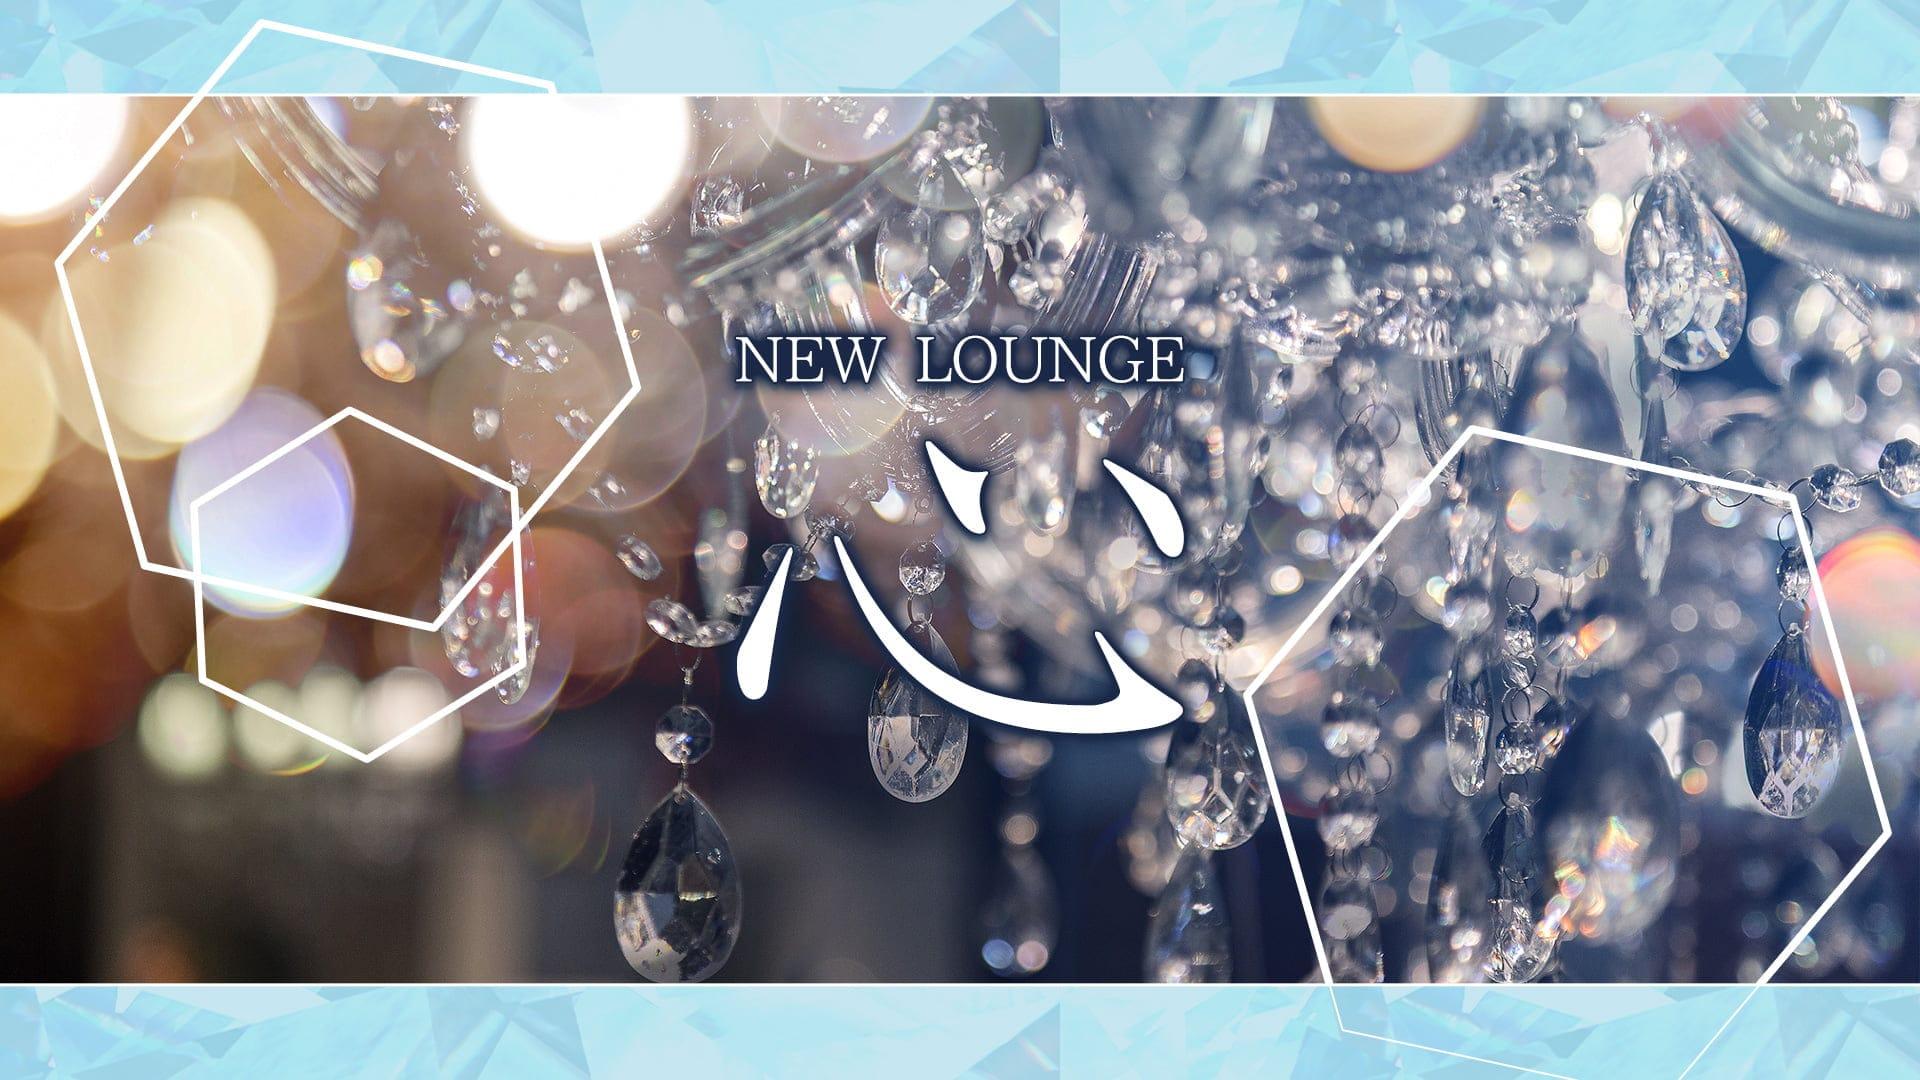 【茨木】NEW LOUNGE心【公式求人・体入情報】 梅田ラウンジ TOP画像